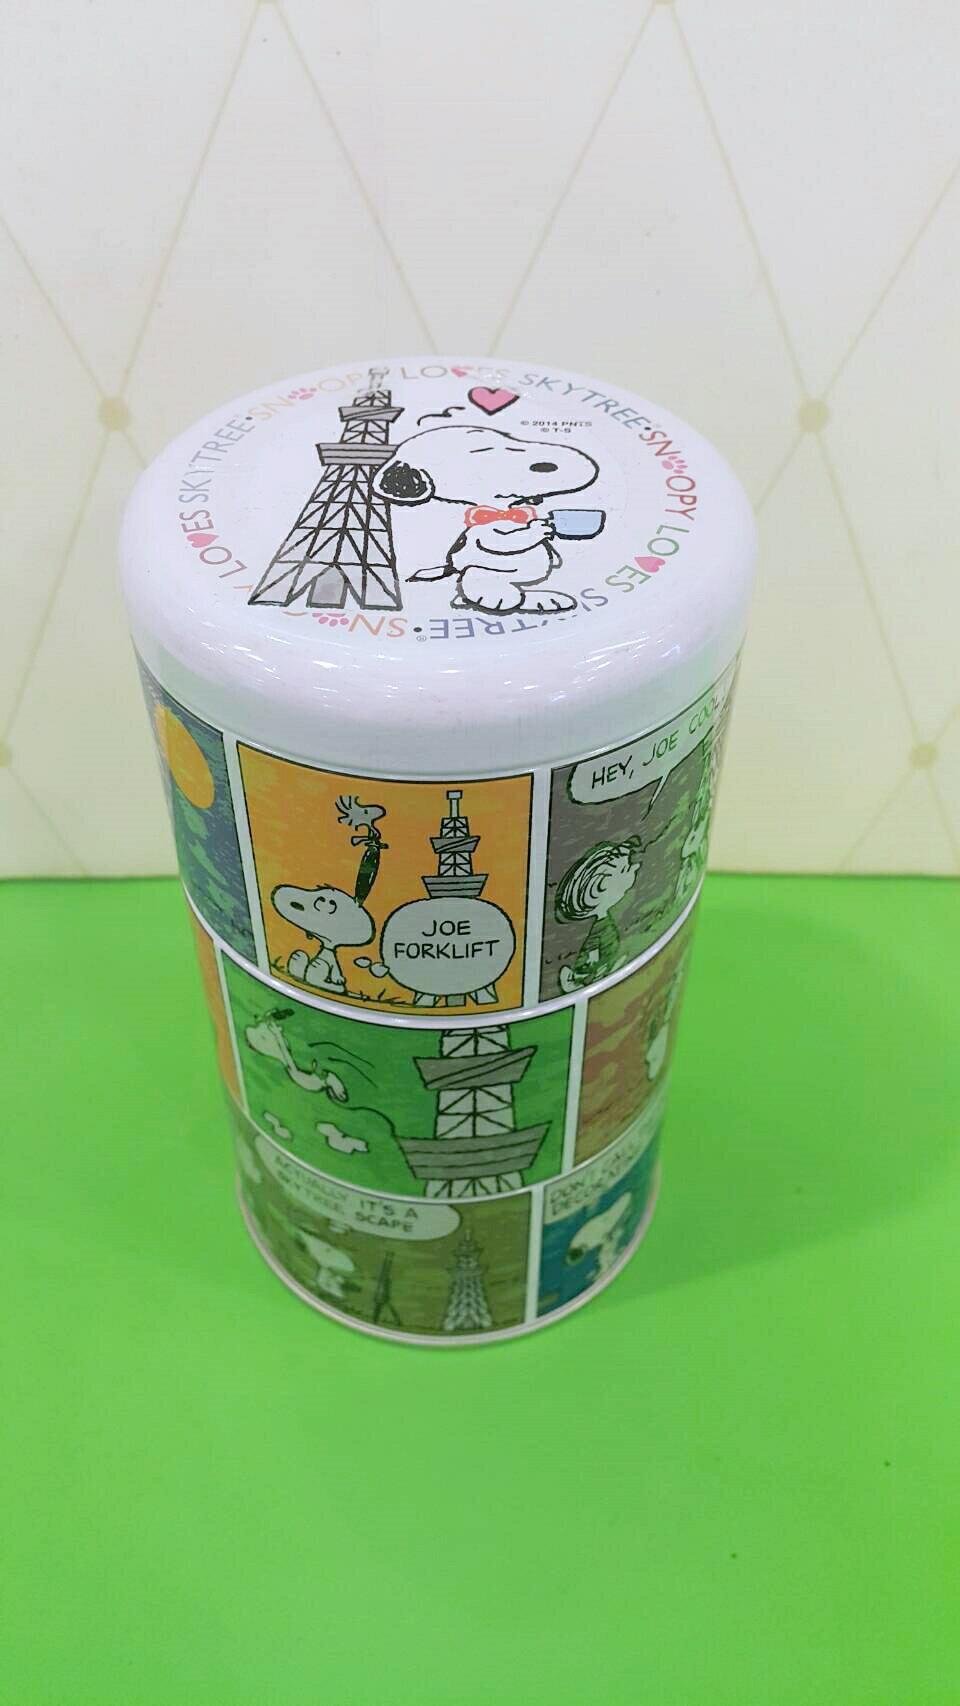 X射線【C205277】日本晴空塔代購-晴空塔 x 史努比Snoopy5週年限定版紀念餅乾罐,點心/零嘴/餅乾/糖果/韓國代購/日本糖果/零食/伴手禮/禮盒